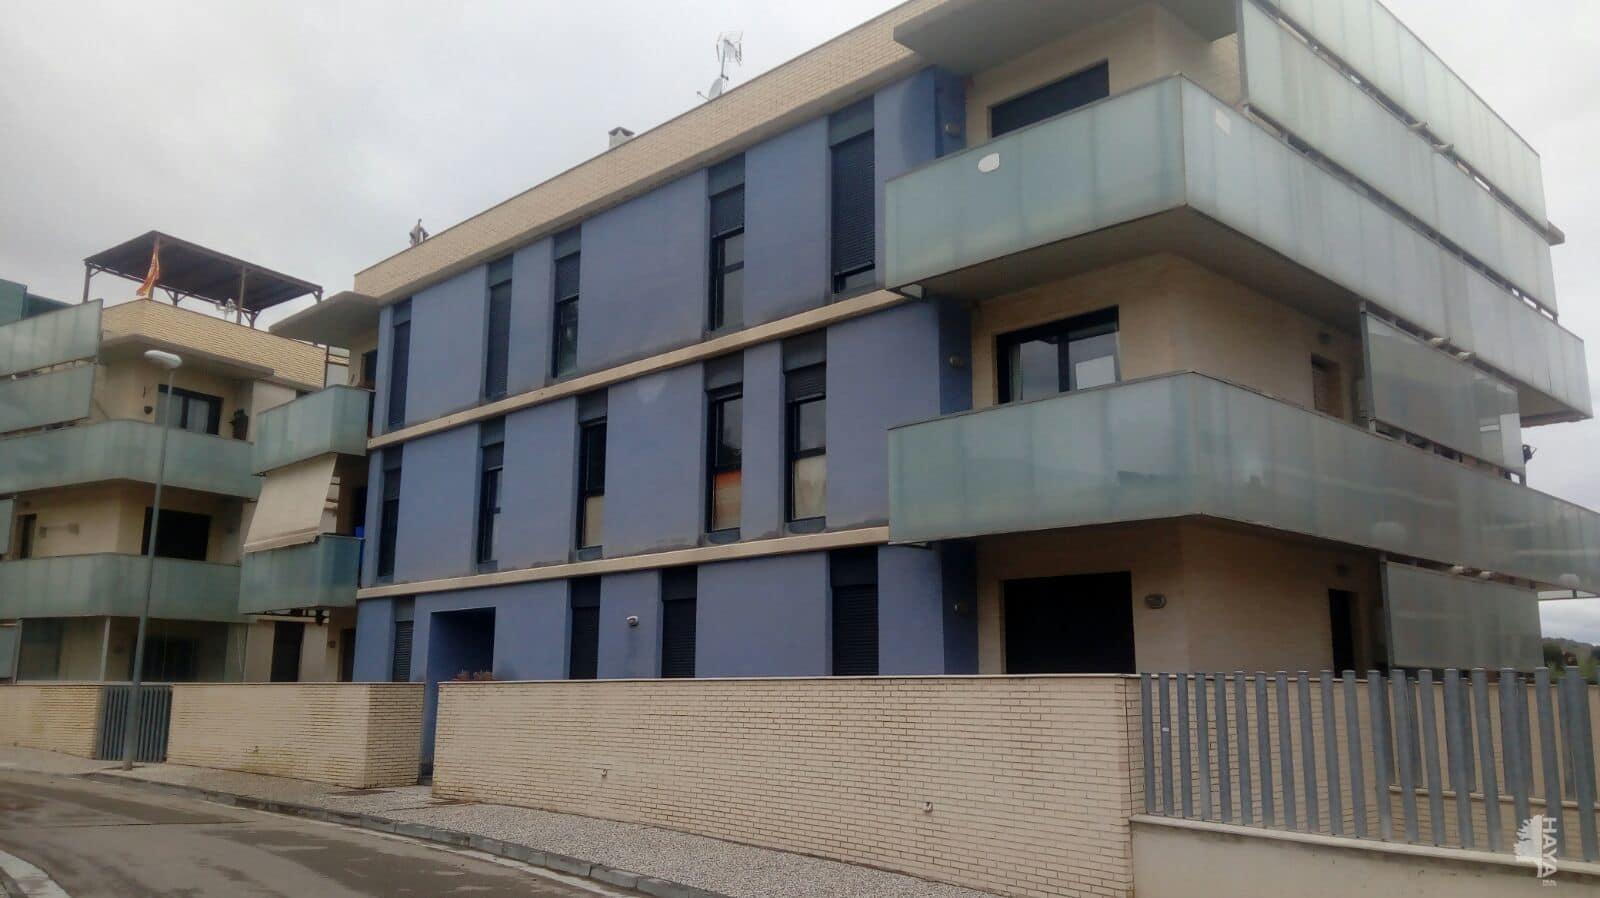 Parking en venta en Las Colinas, Cadrete, Zaragoza, Calle Camino de Maria, Cadrete, 7.350 €, 13 m2